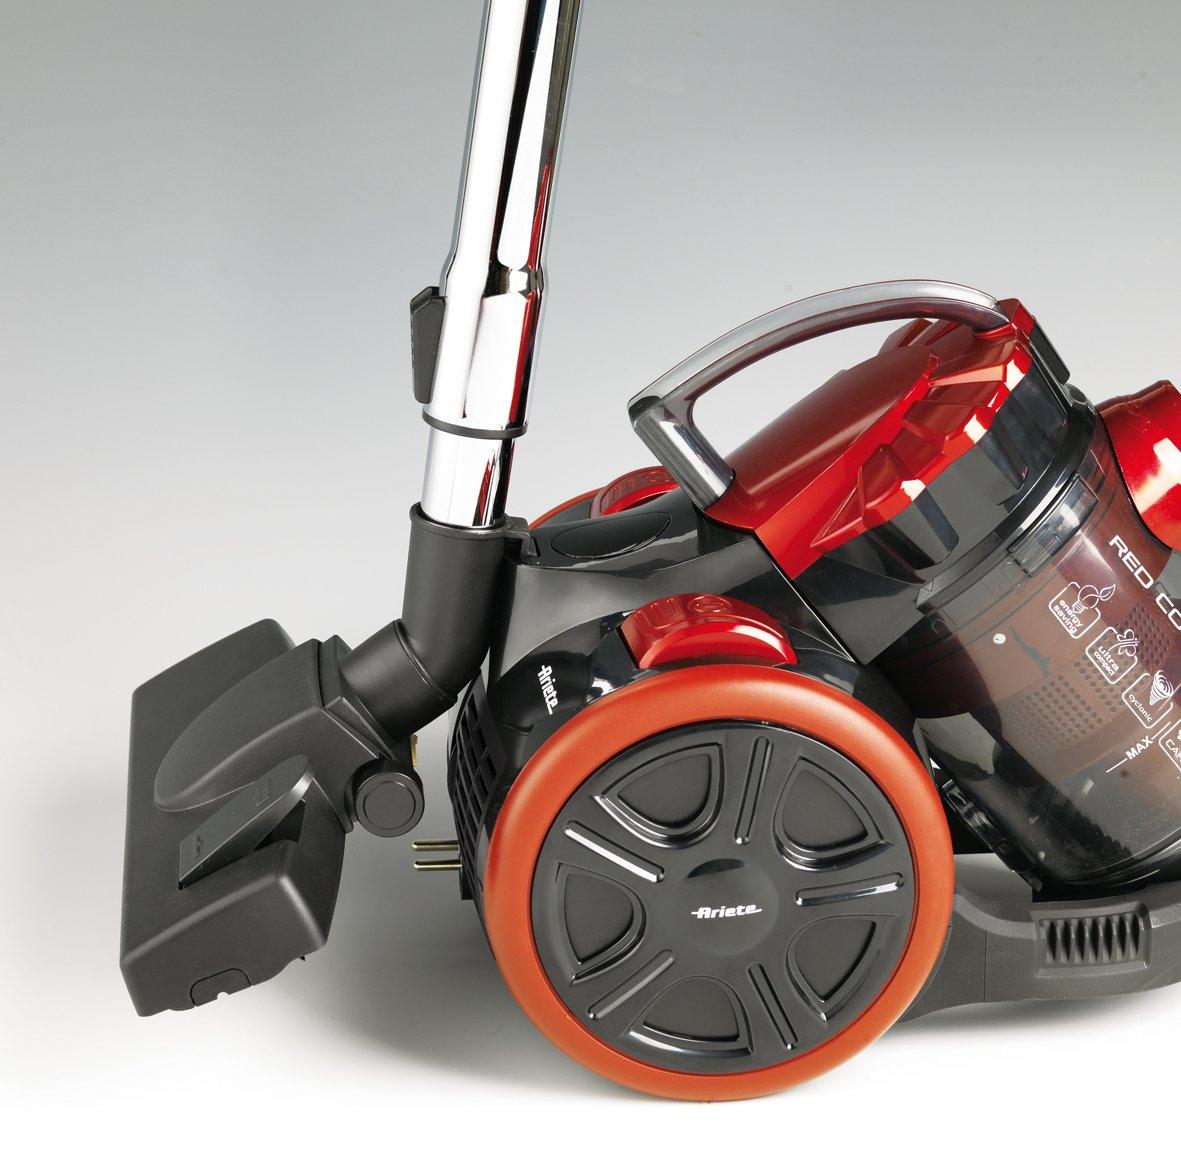 Ariete 2743 1601522743-Aspirador Compacto sin Bolsa, Negro, 700 W, 2 litros, 85 Decibeles, Rojo: Amazon.es: Hogar